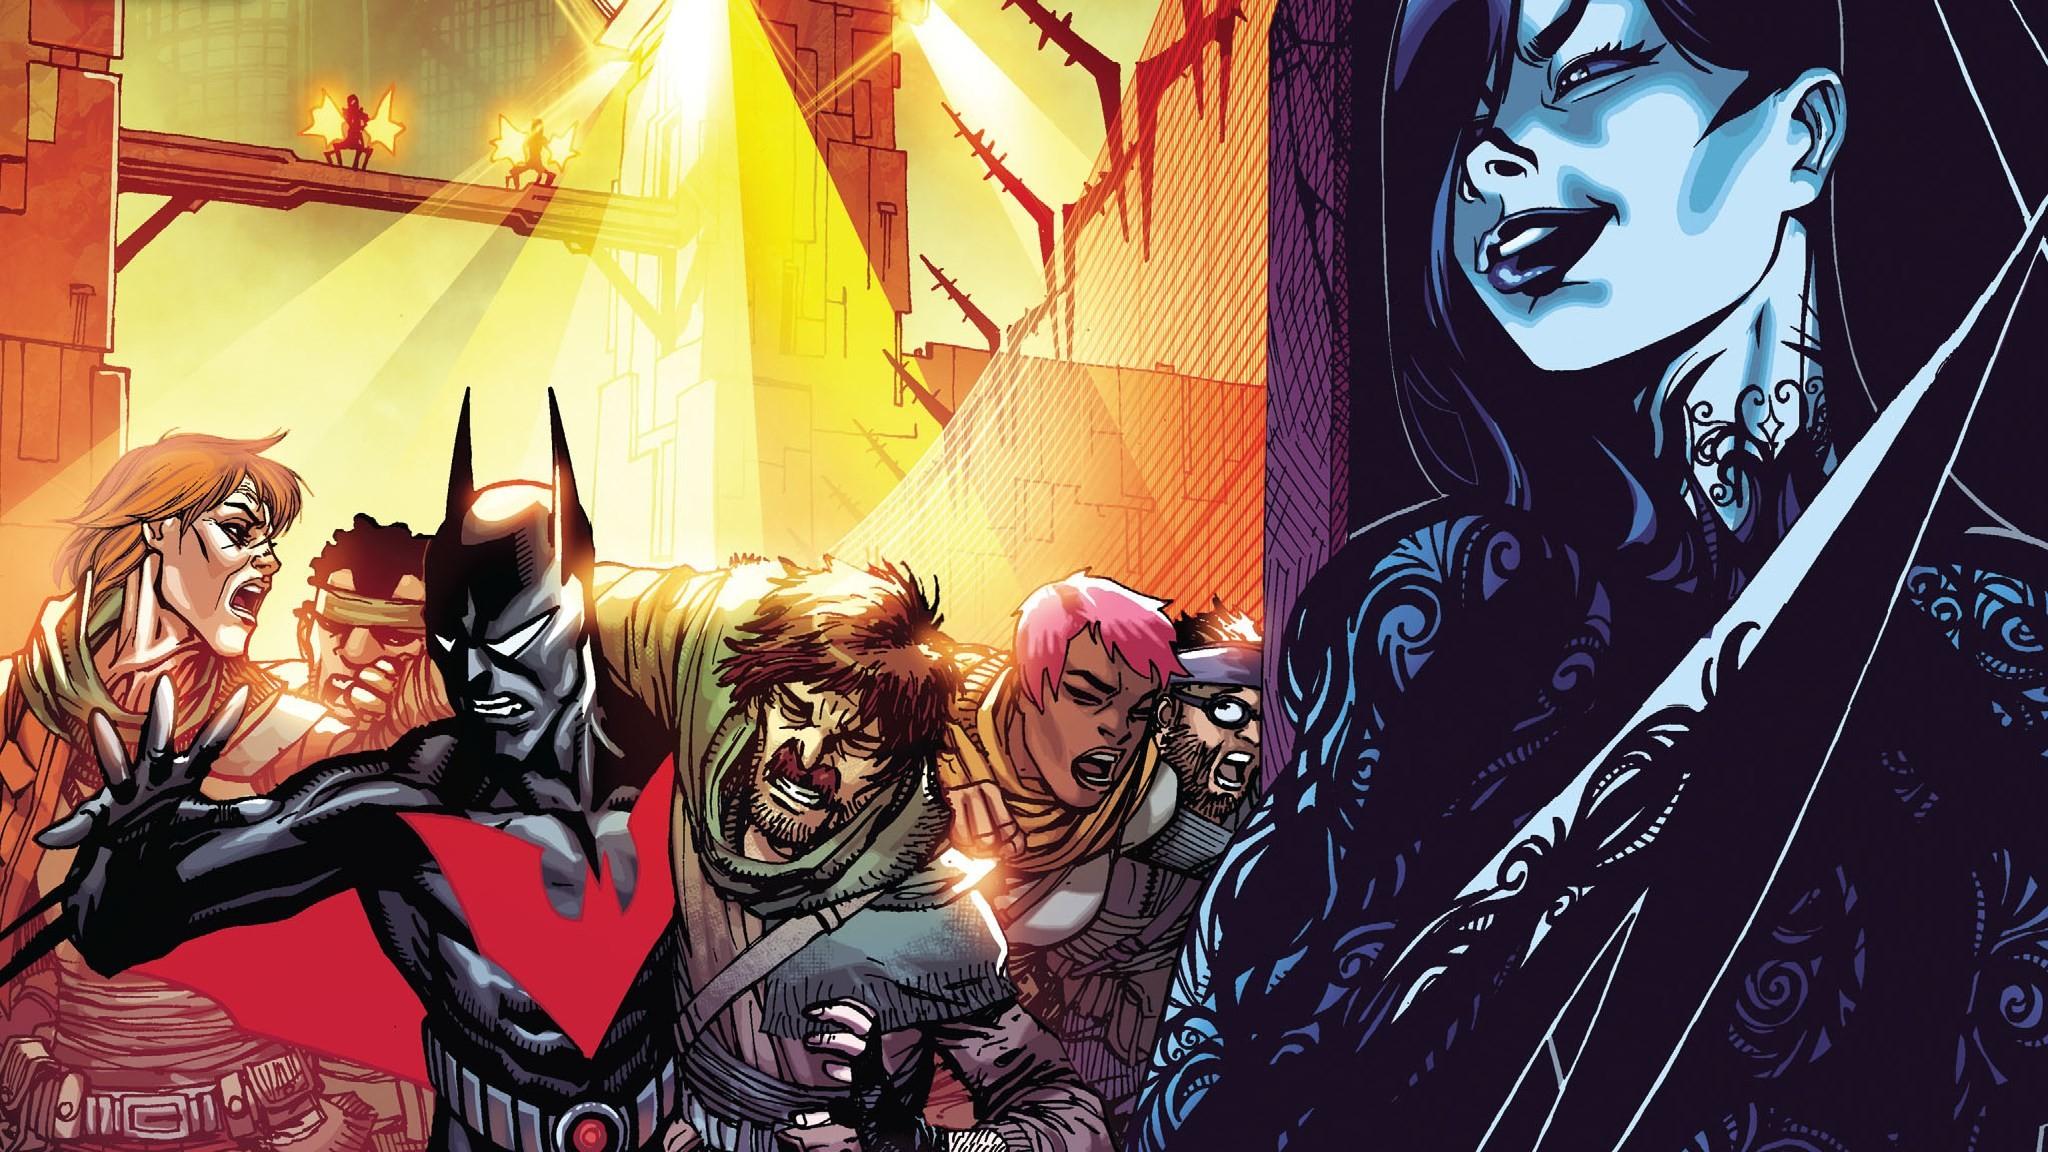 batman beyond wallpaper free hd widescreen (Gray Robertson 2048×1152)